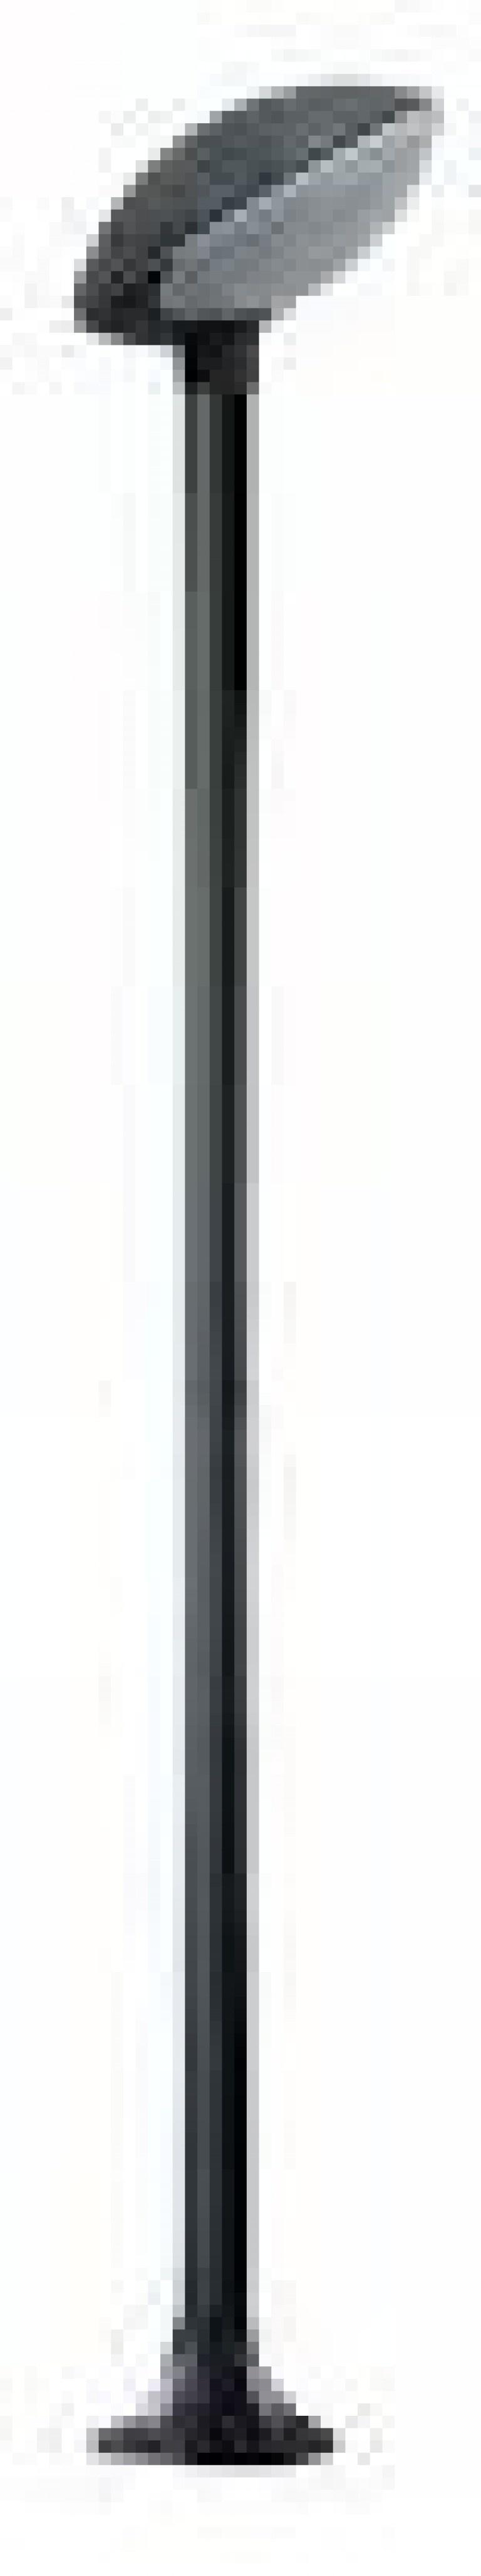 Lampy ogrodowe wys. 170 cm, klosz TAO